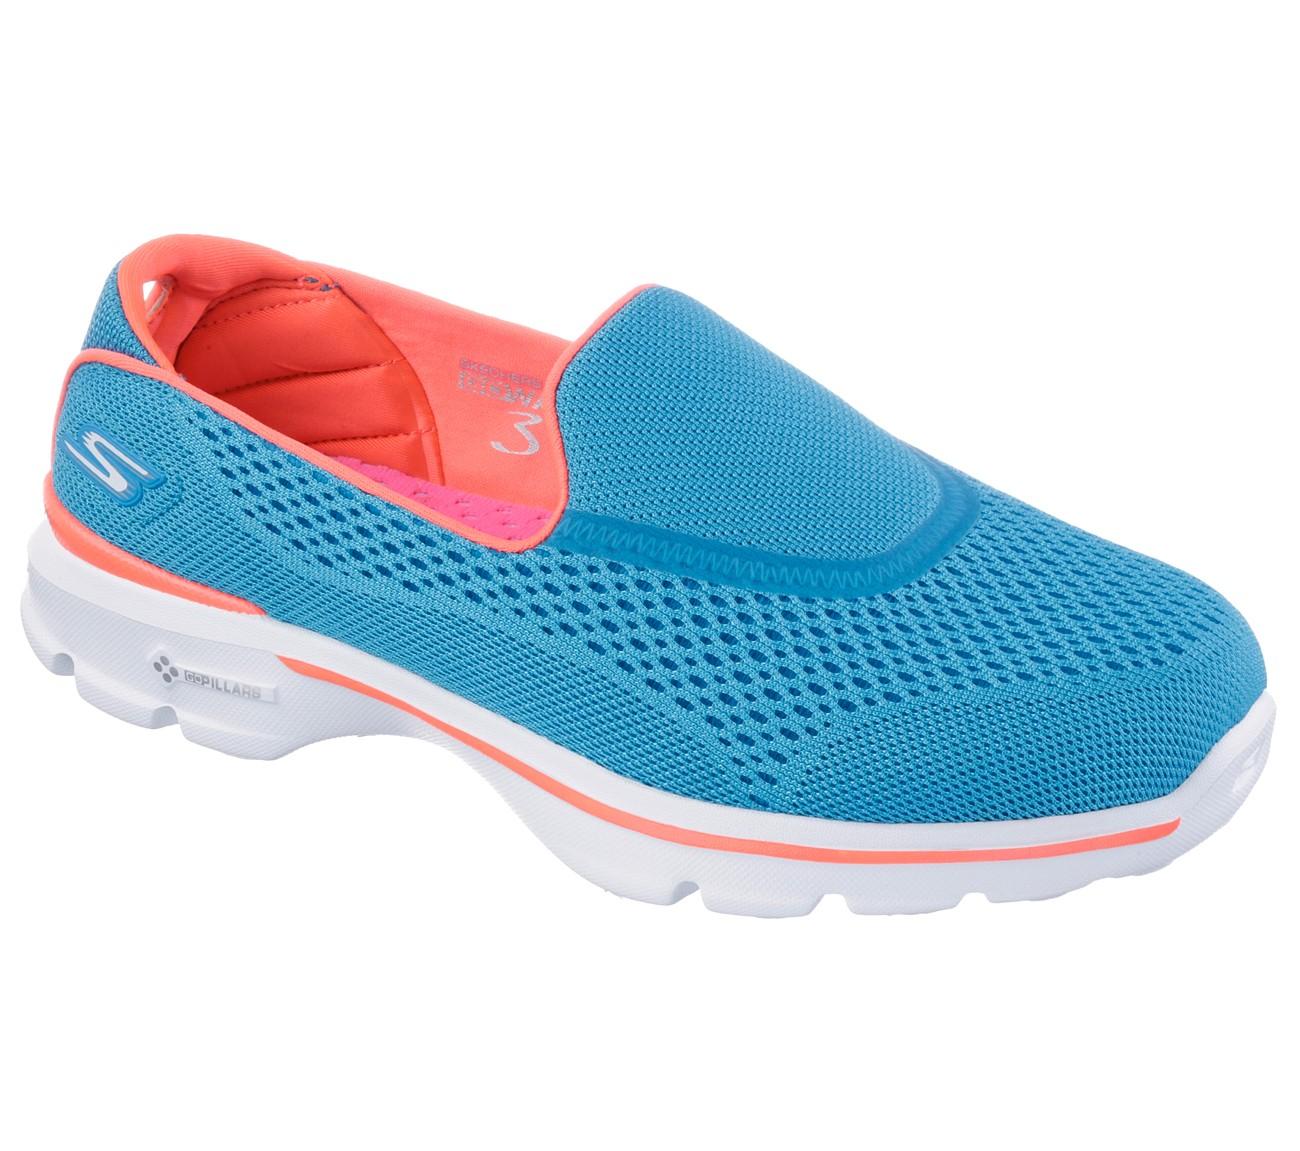 Skechers Bayan Yürüyüş Ayakkabısı Modelleri-Ayakkabı Modelleri (14)